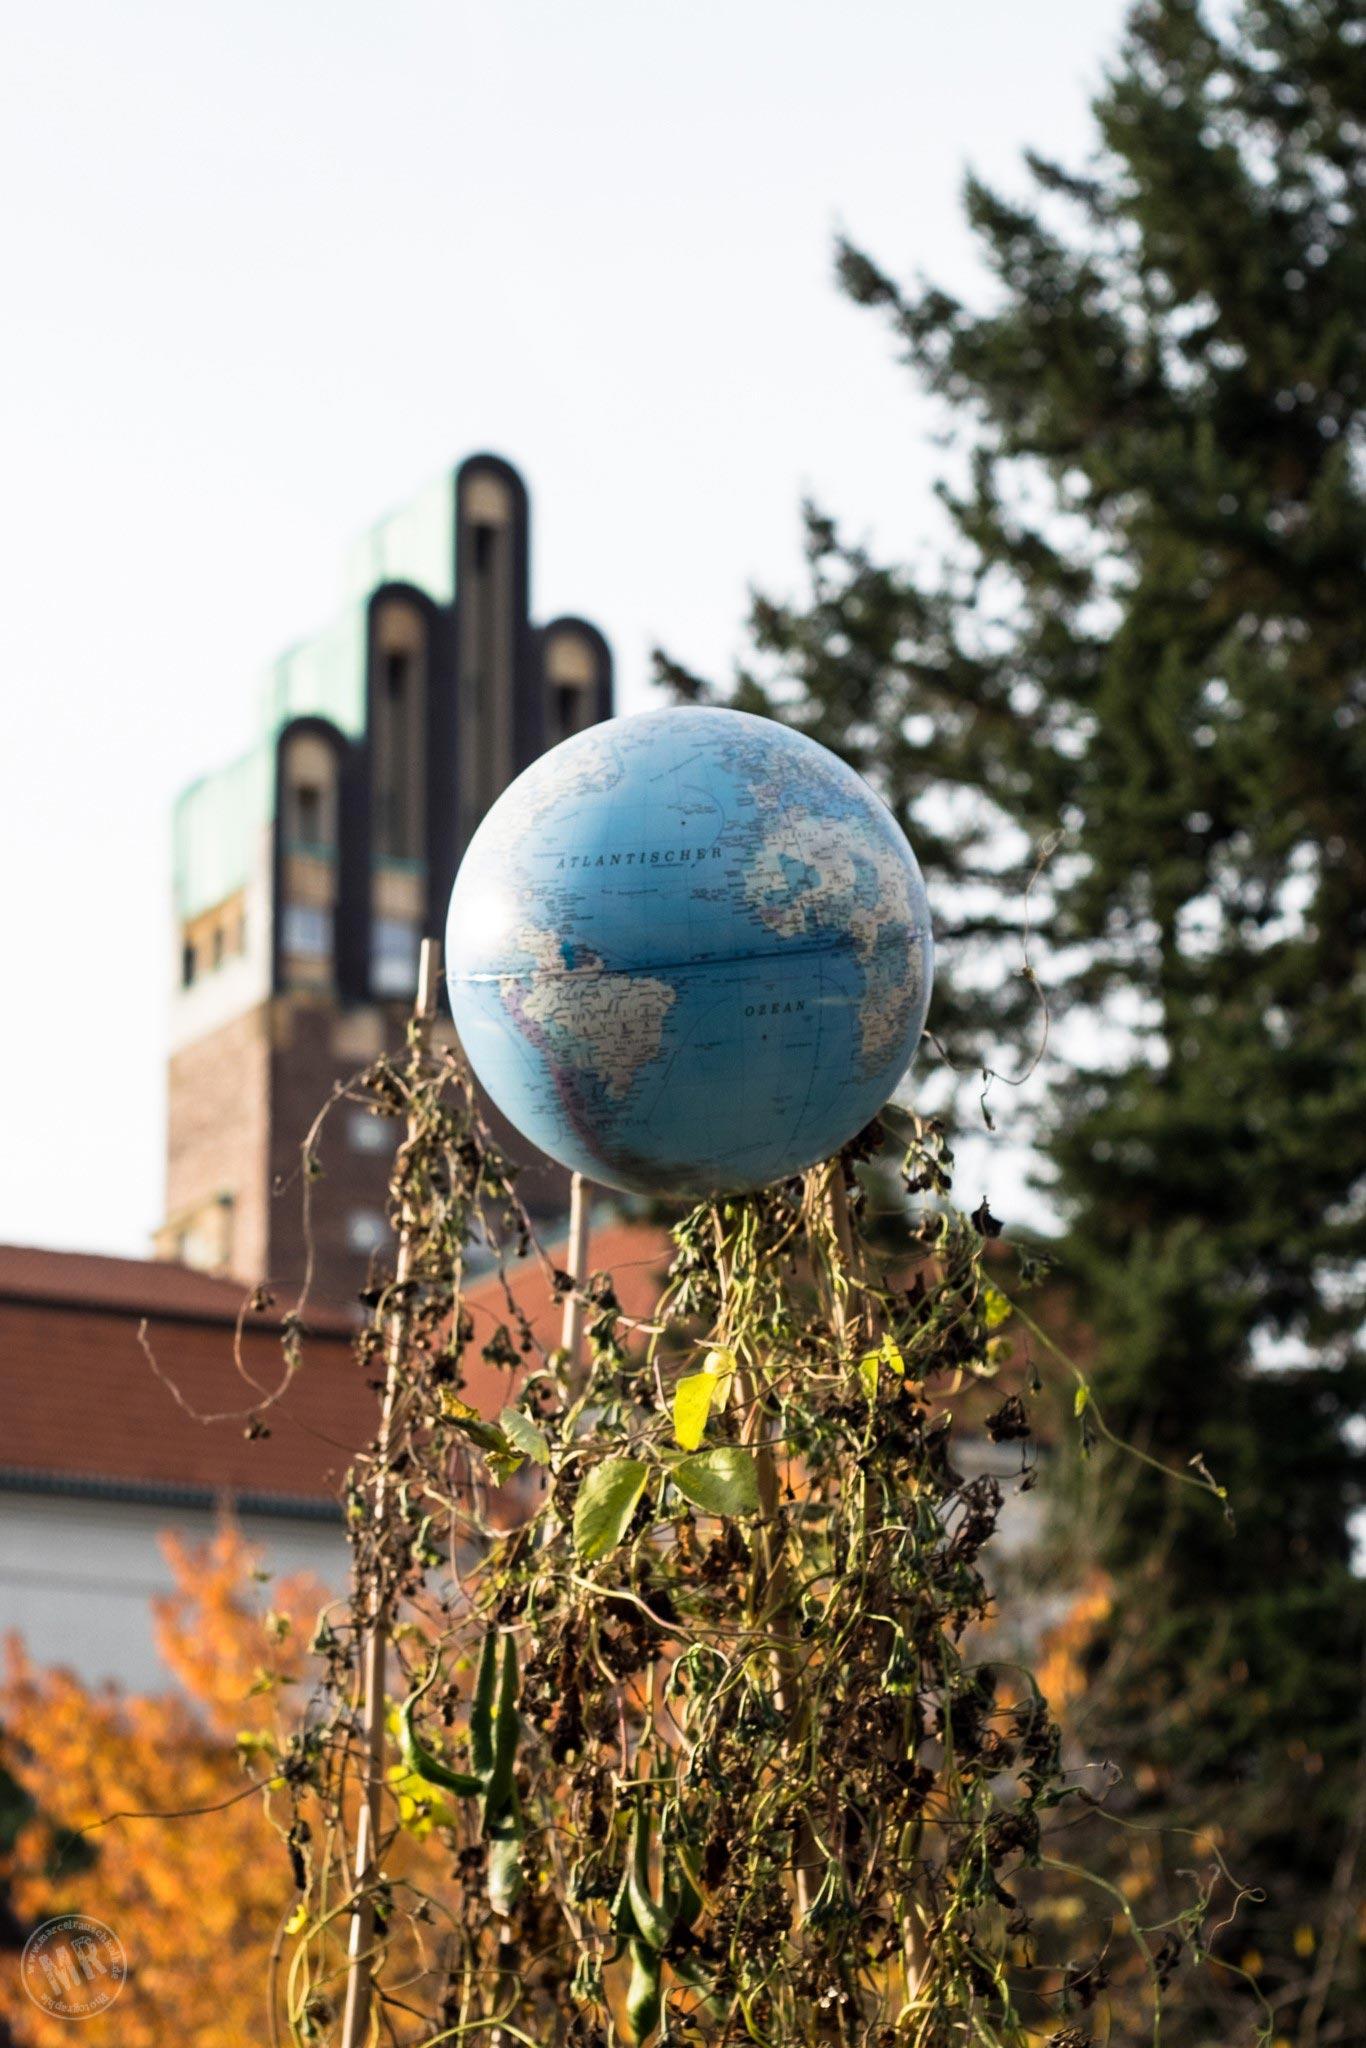 Weltkugel vor Fünf-Finger-Turm auf der Mathildenhöhe